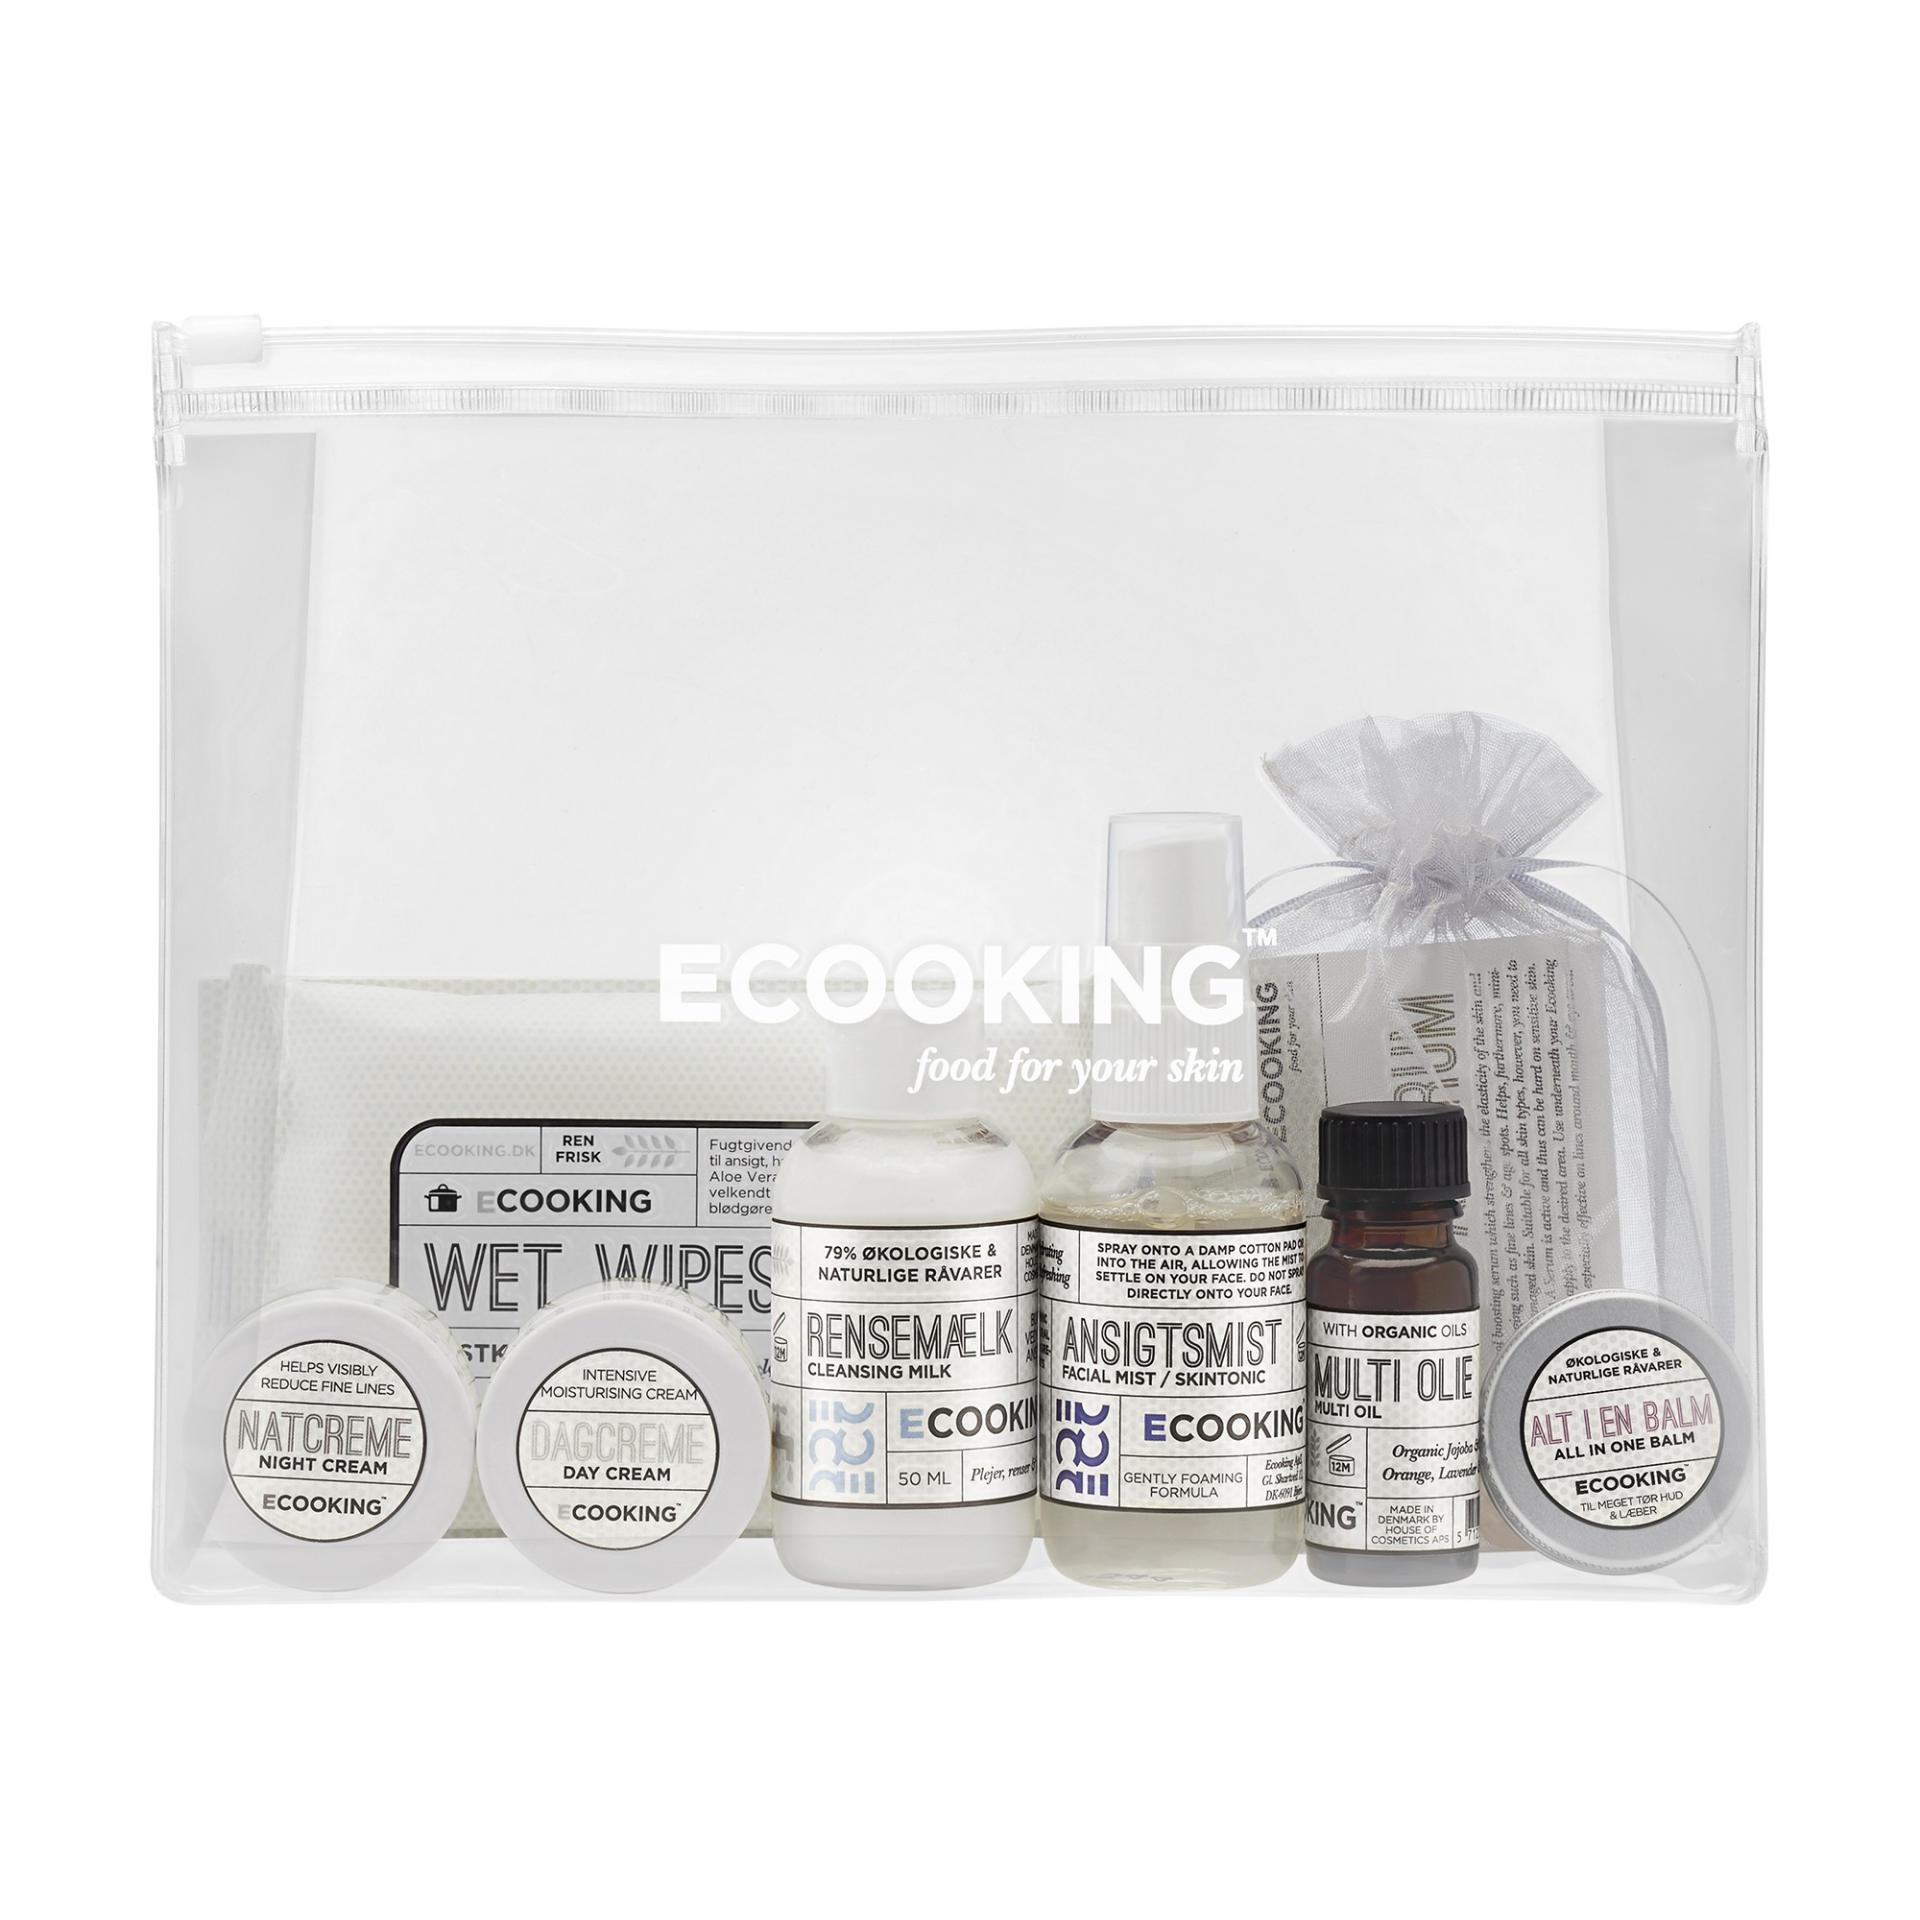 ECOOKING Cestovní sada kosmetiky s čisticím mlékem, bílá barva, kov, plast